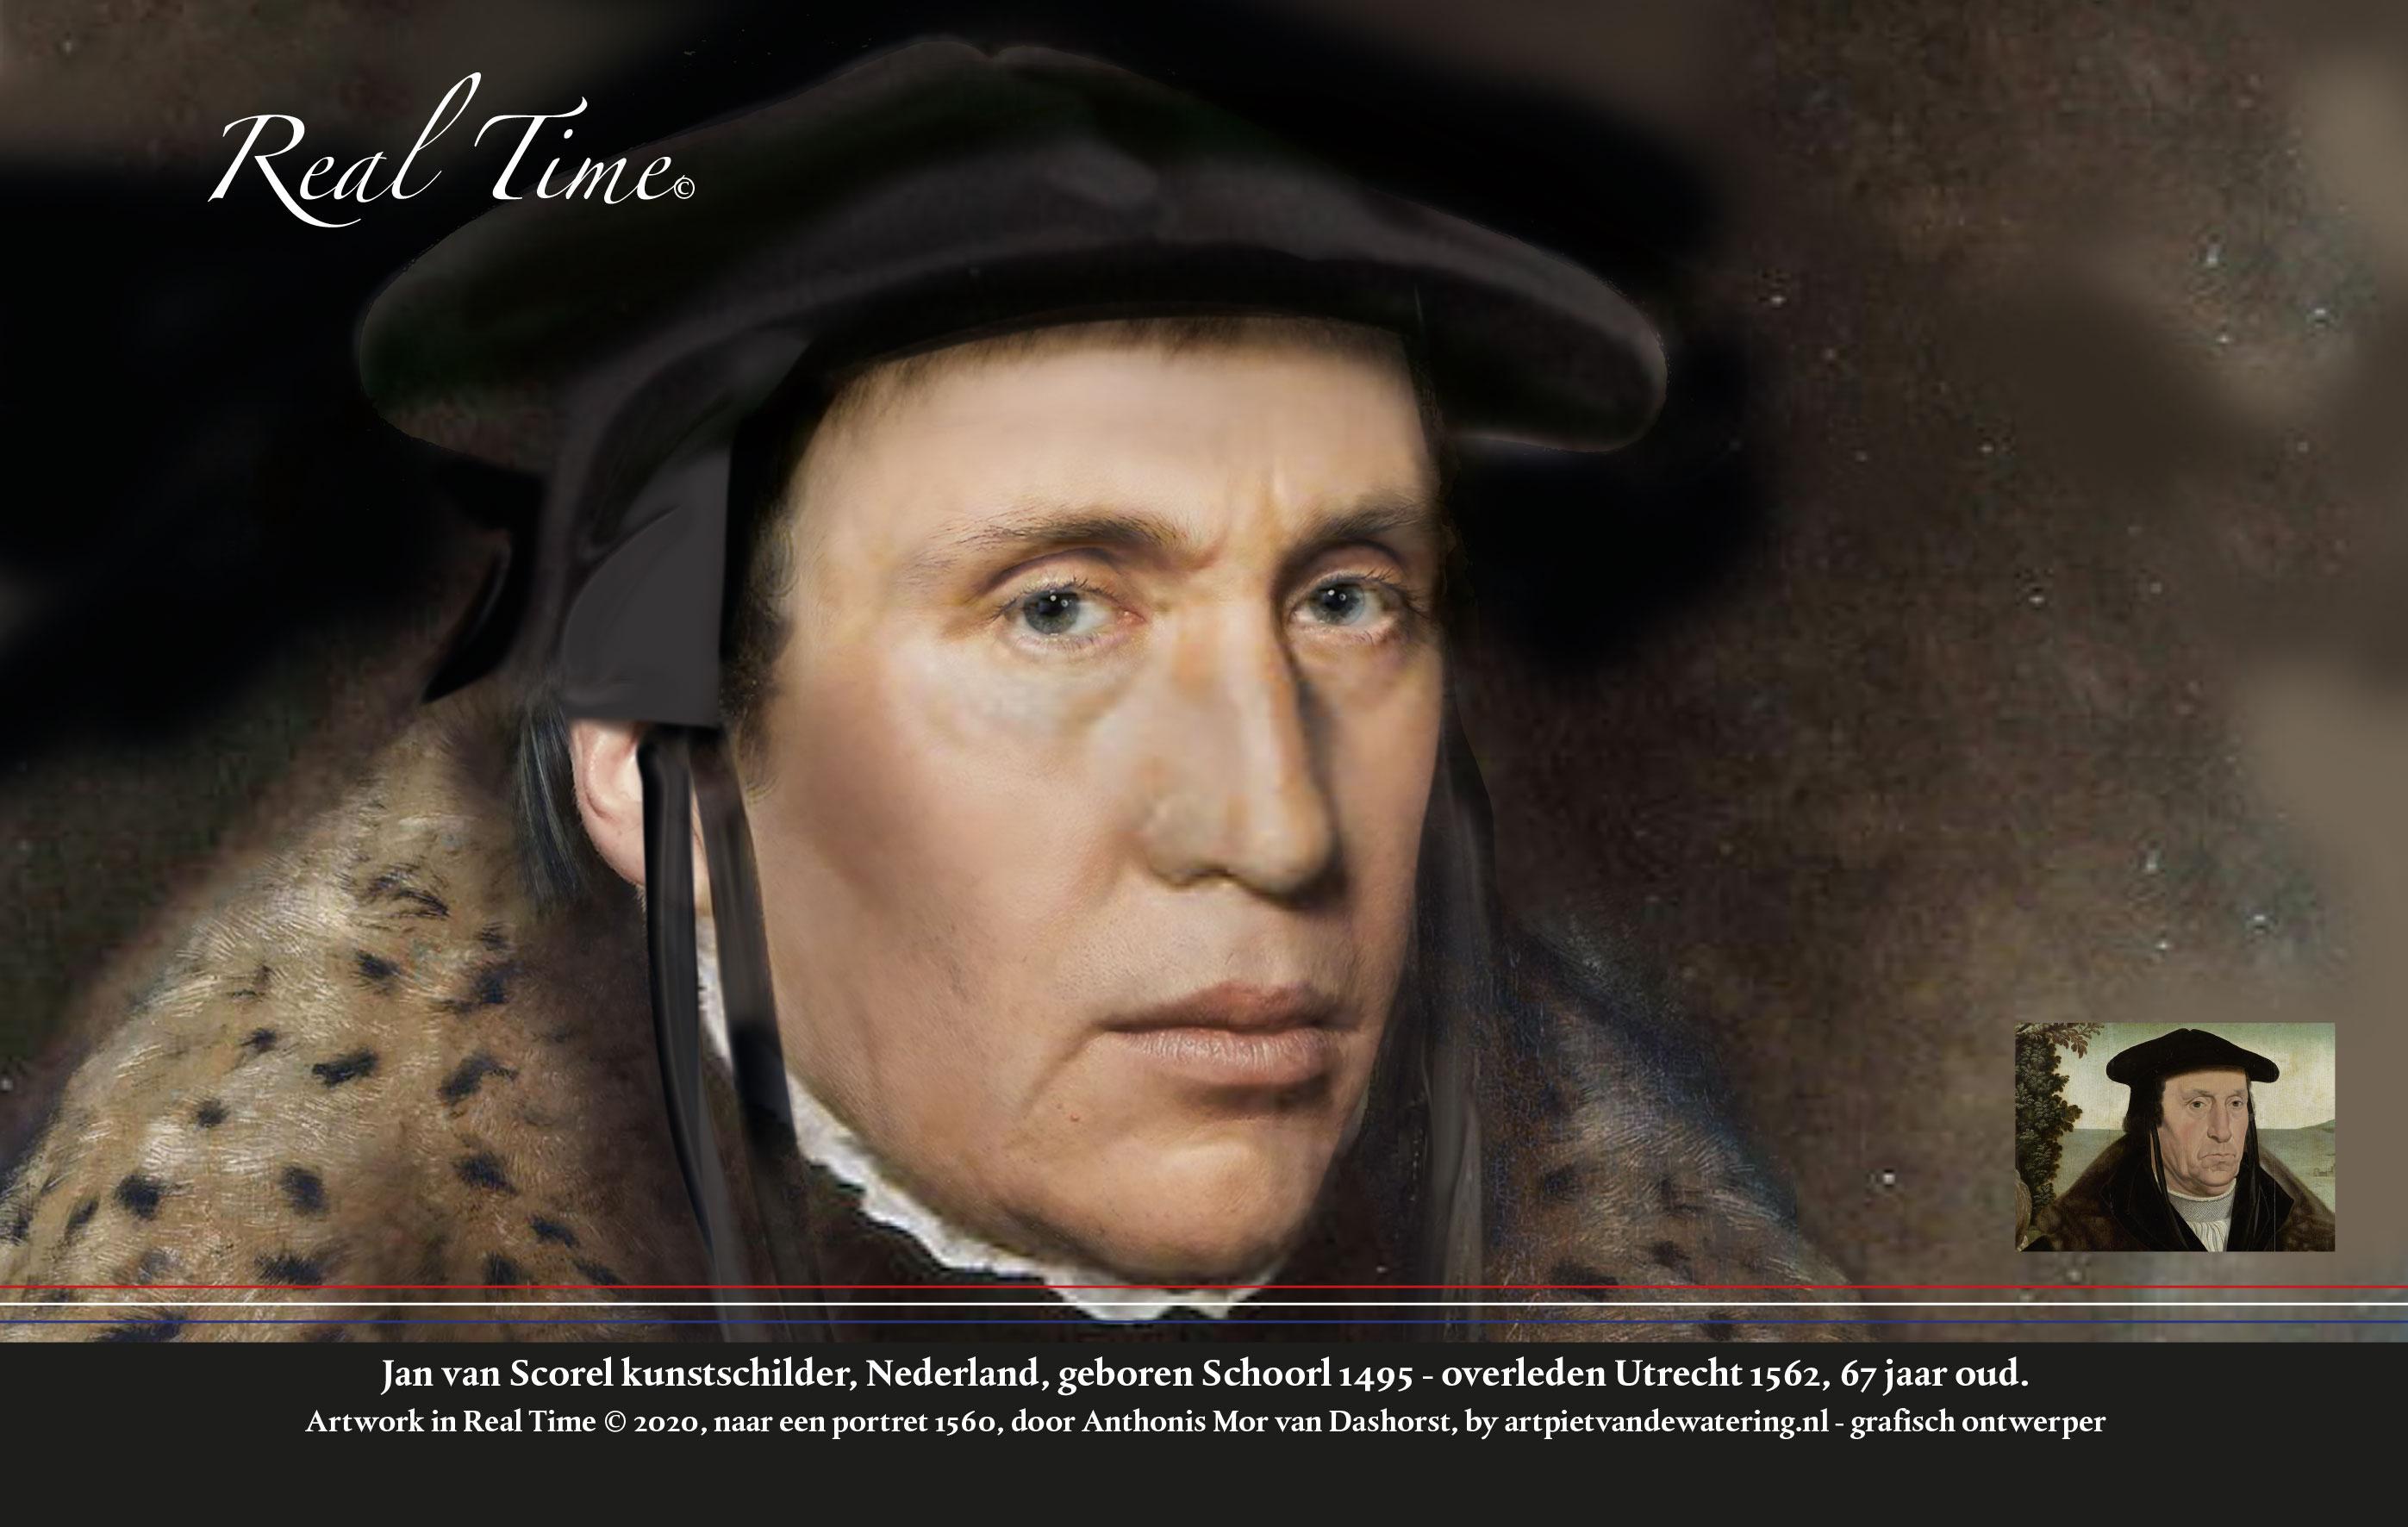 Jan-van-Scorel-1495-1562